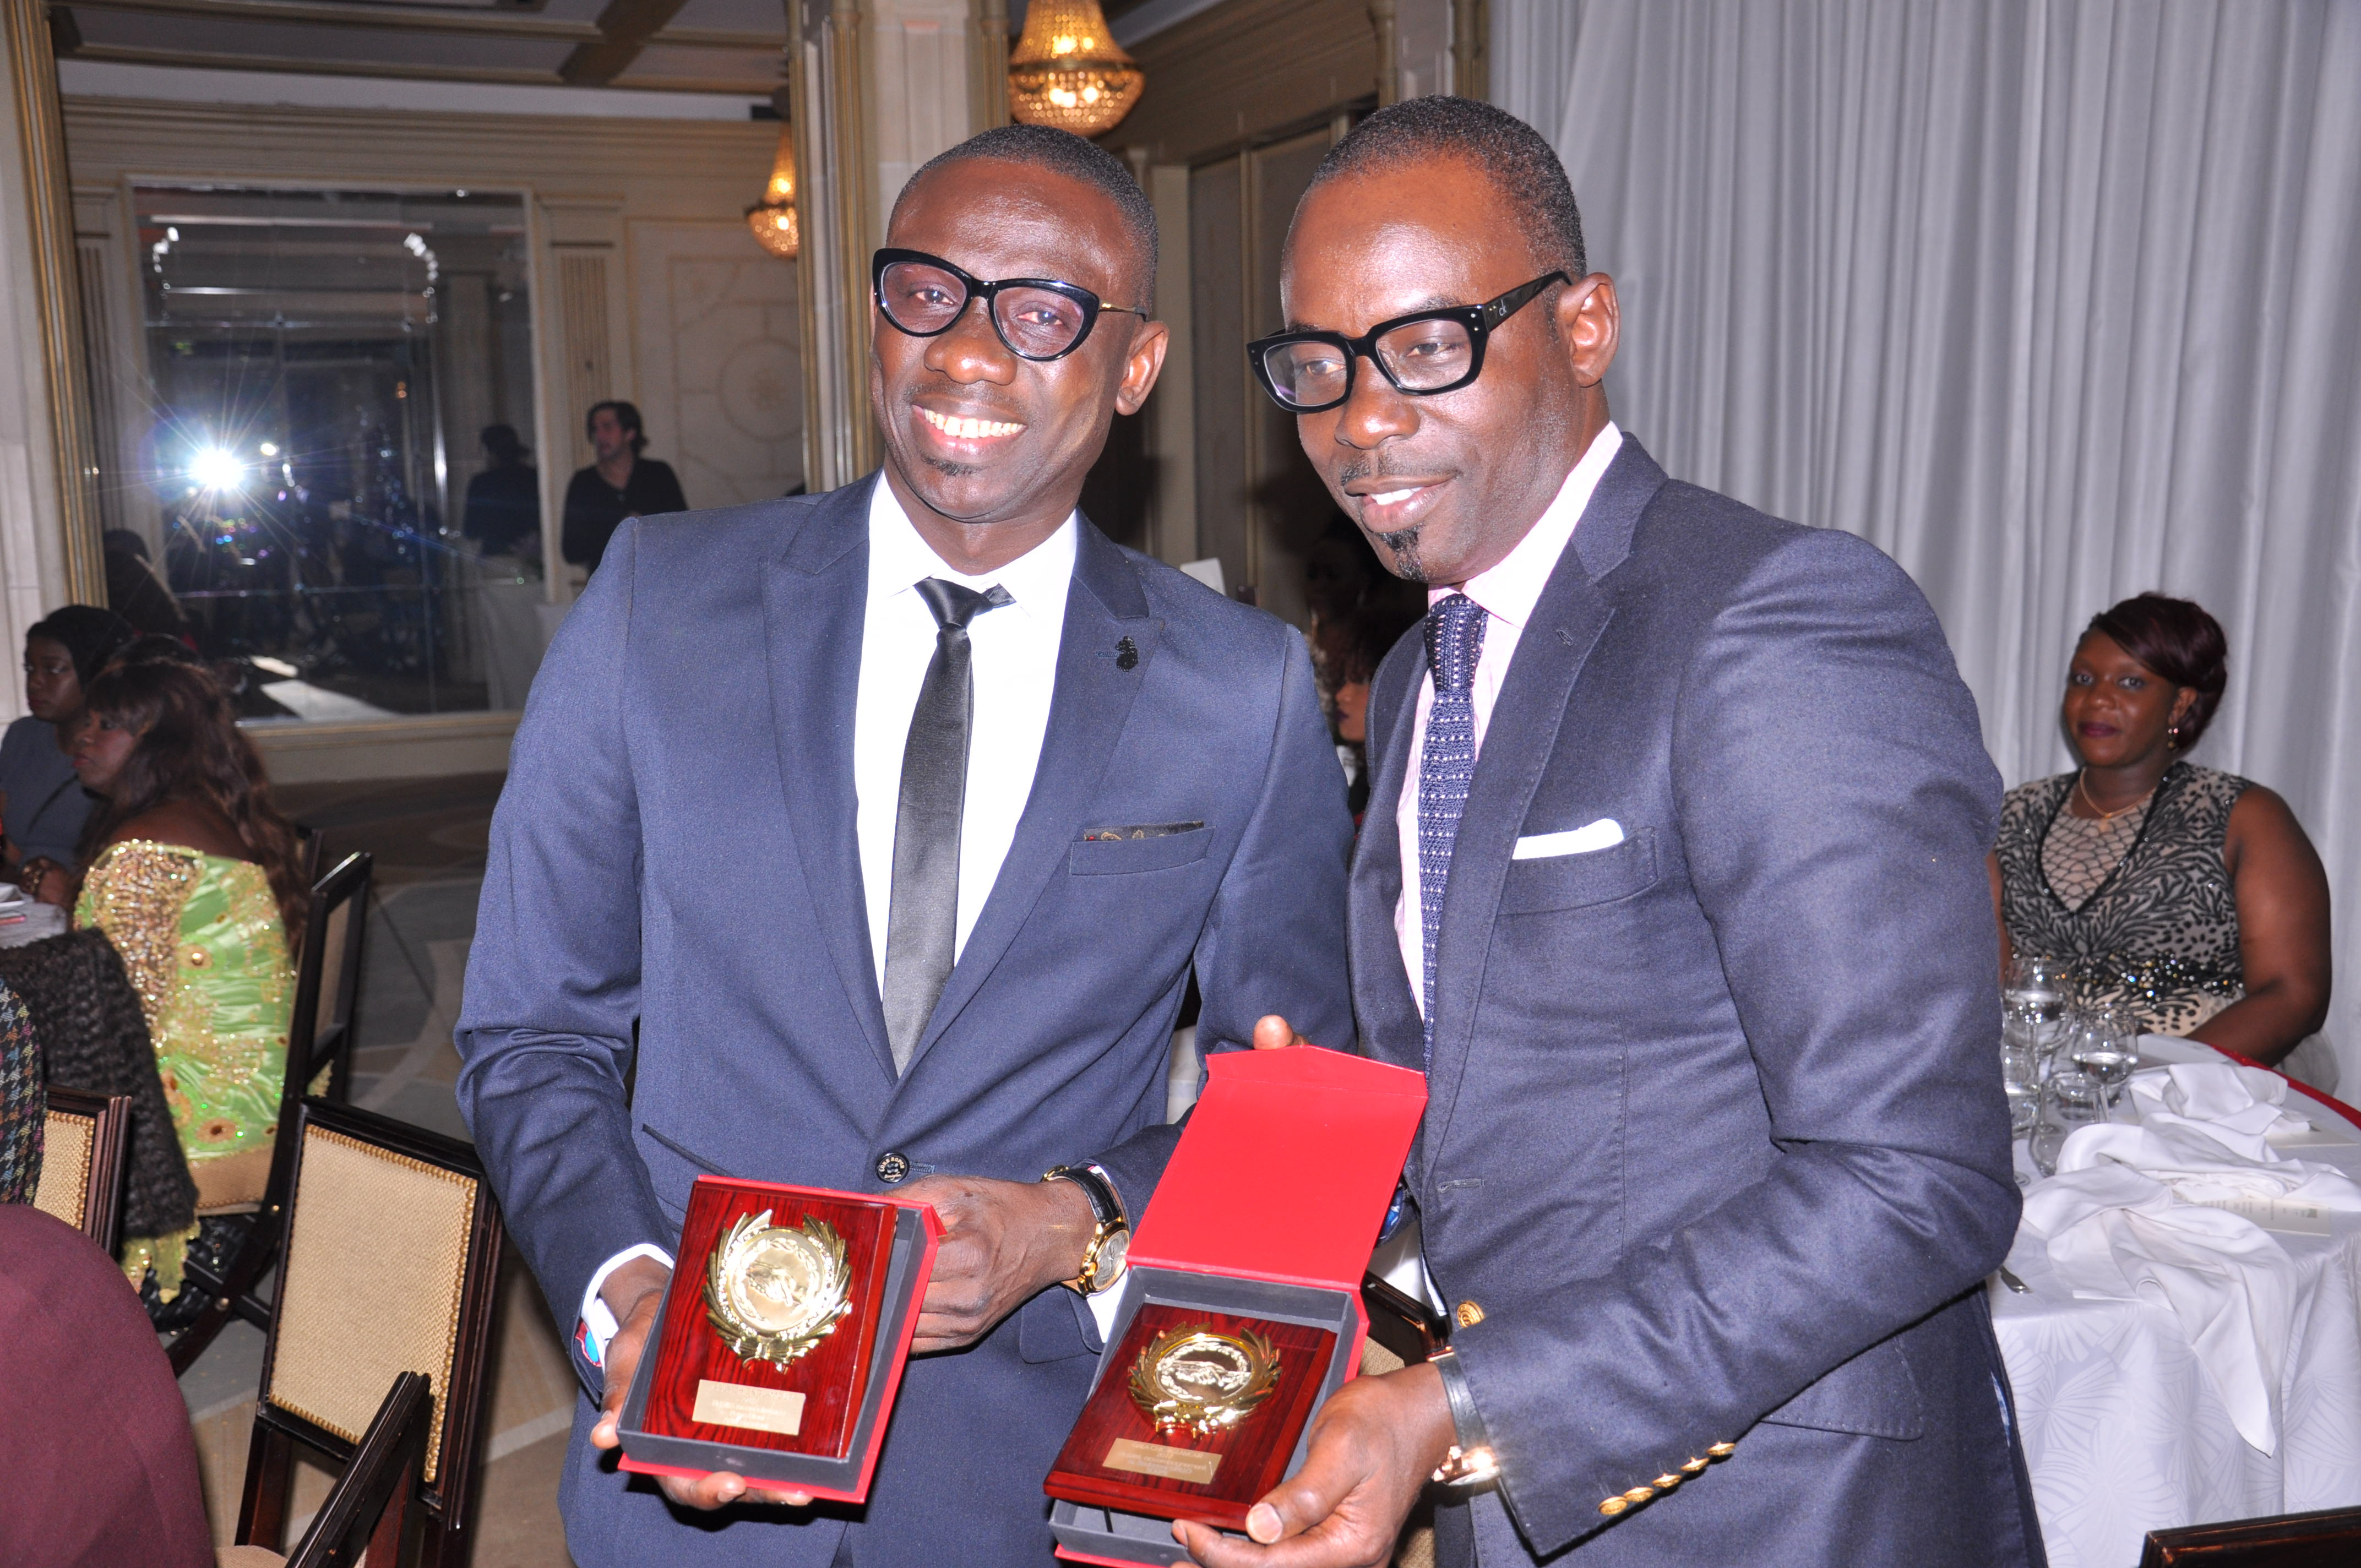 Boubacar Diallo, animateur présentateur, Pape Diouf ex PDT de Marseille, Thierno Ba honorés au Gala Chic et Glamour de Paris.